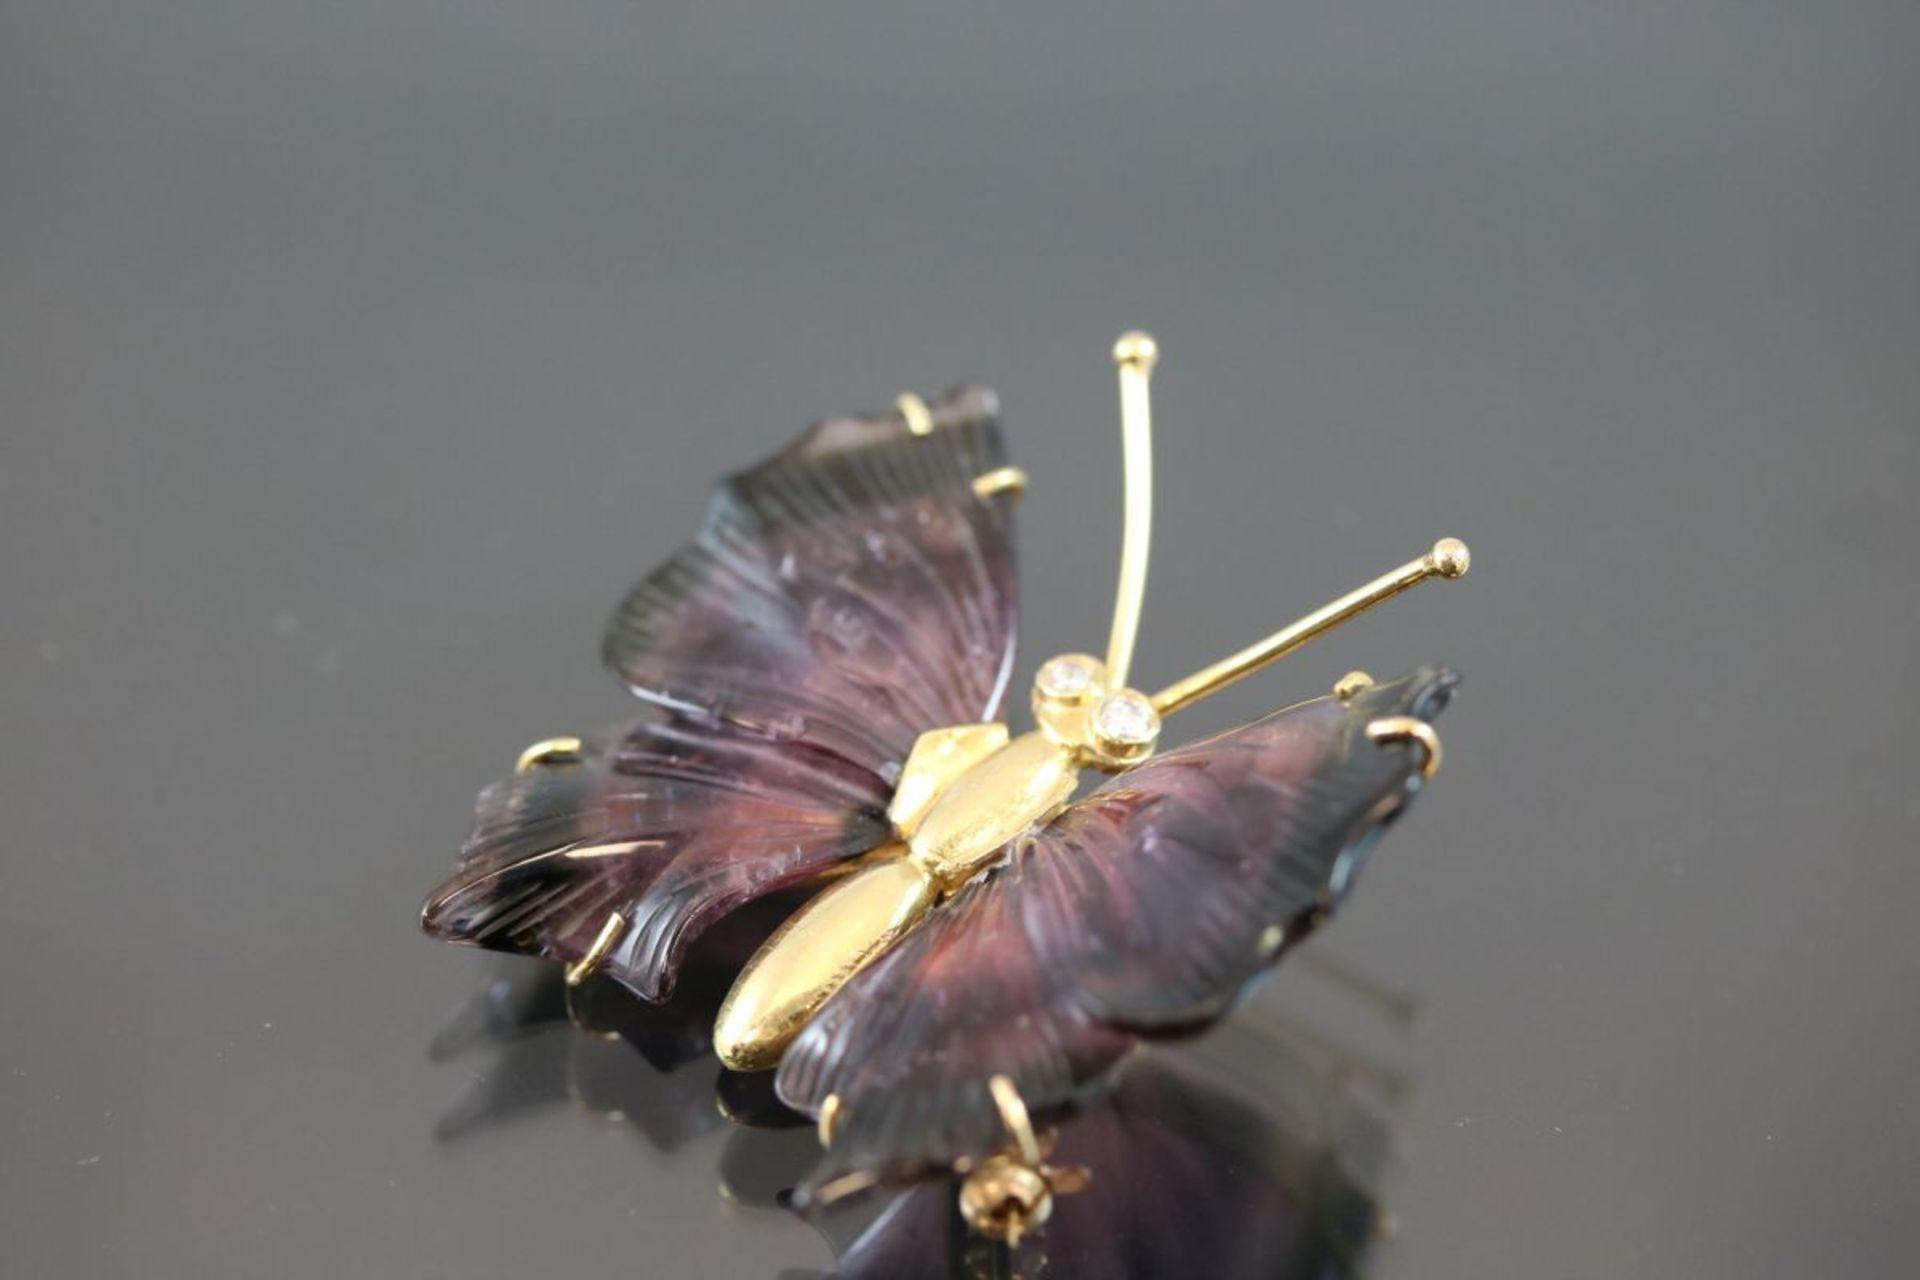 Brillant-Schmetterling-Brosche, 750 Gelbgold13,8 Gramm 2 Brillanten, 0,08 ct., tw/vvsi. Flügel - Bild 2 aus 3